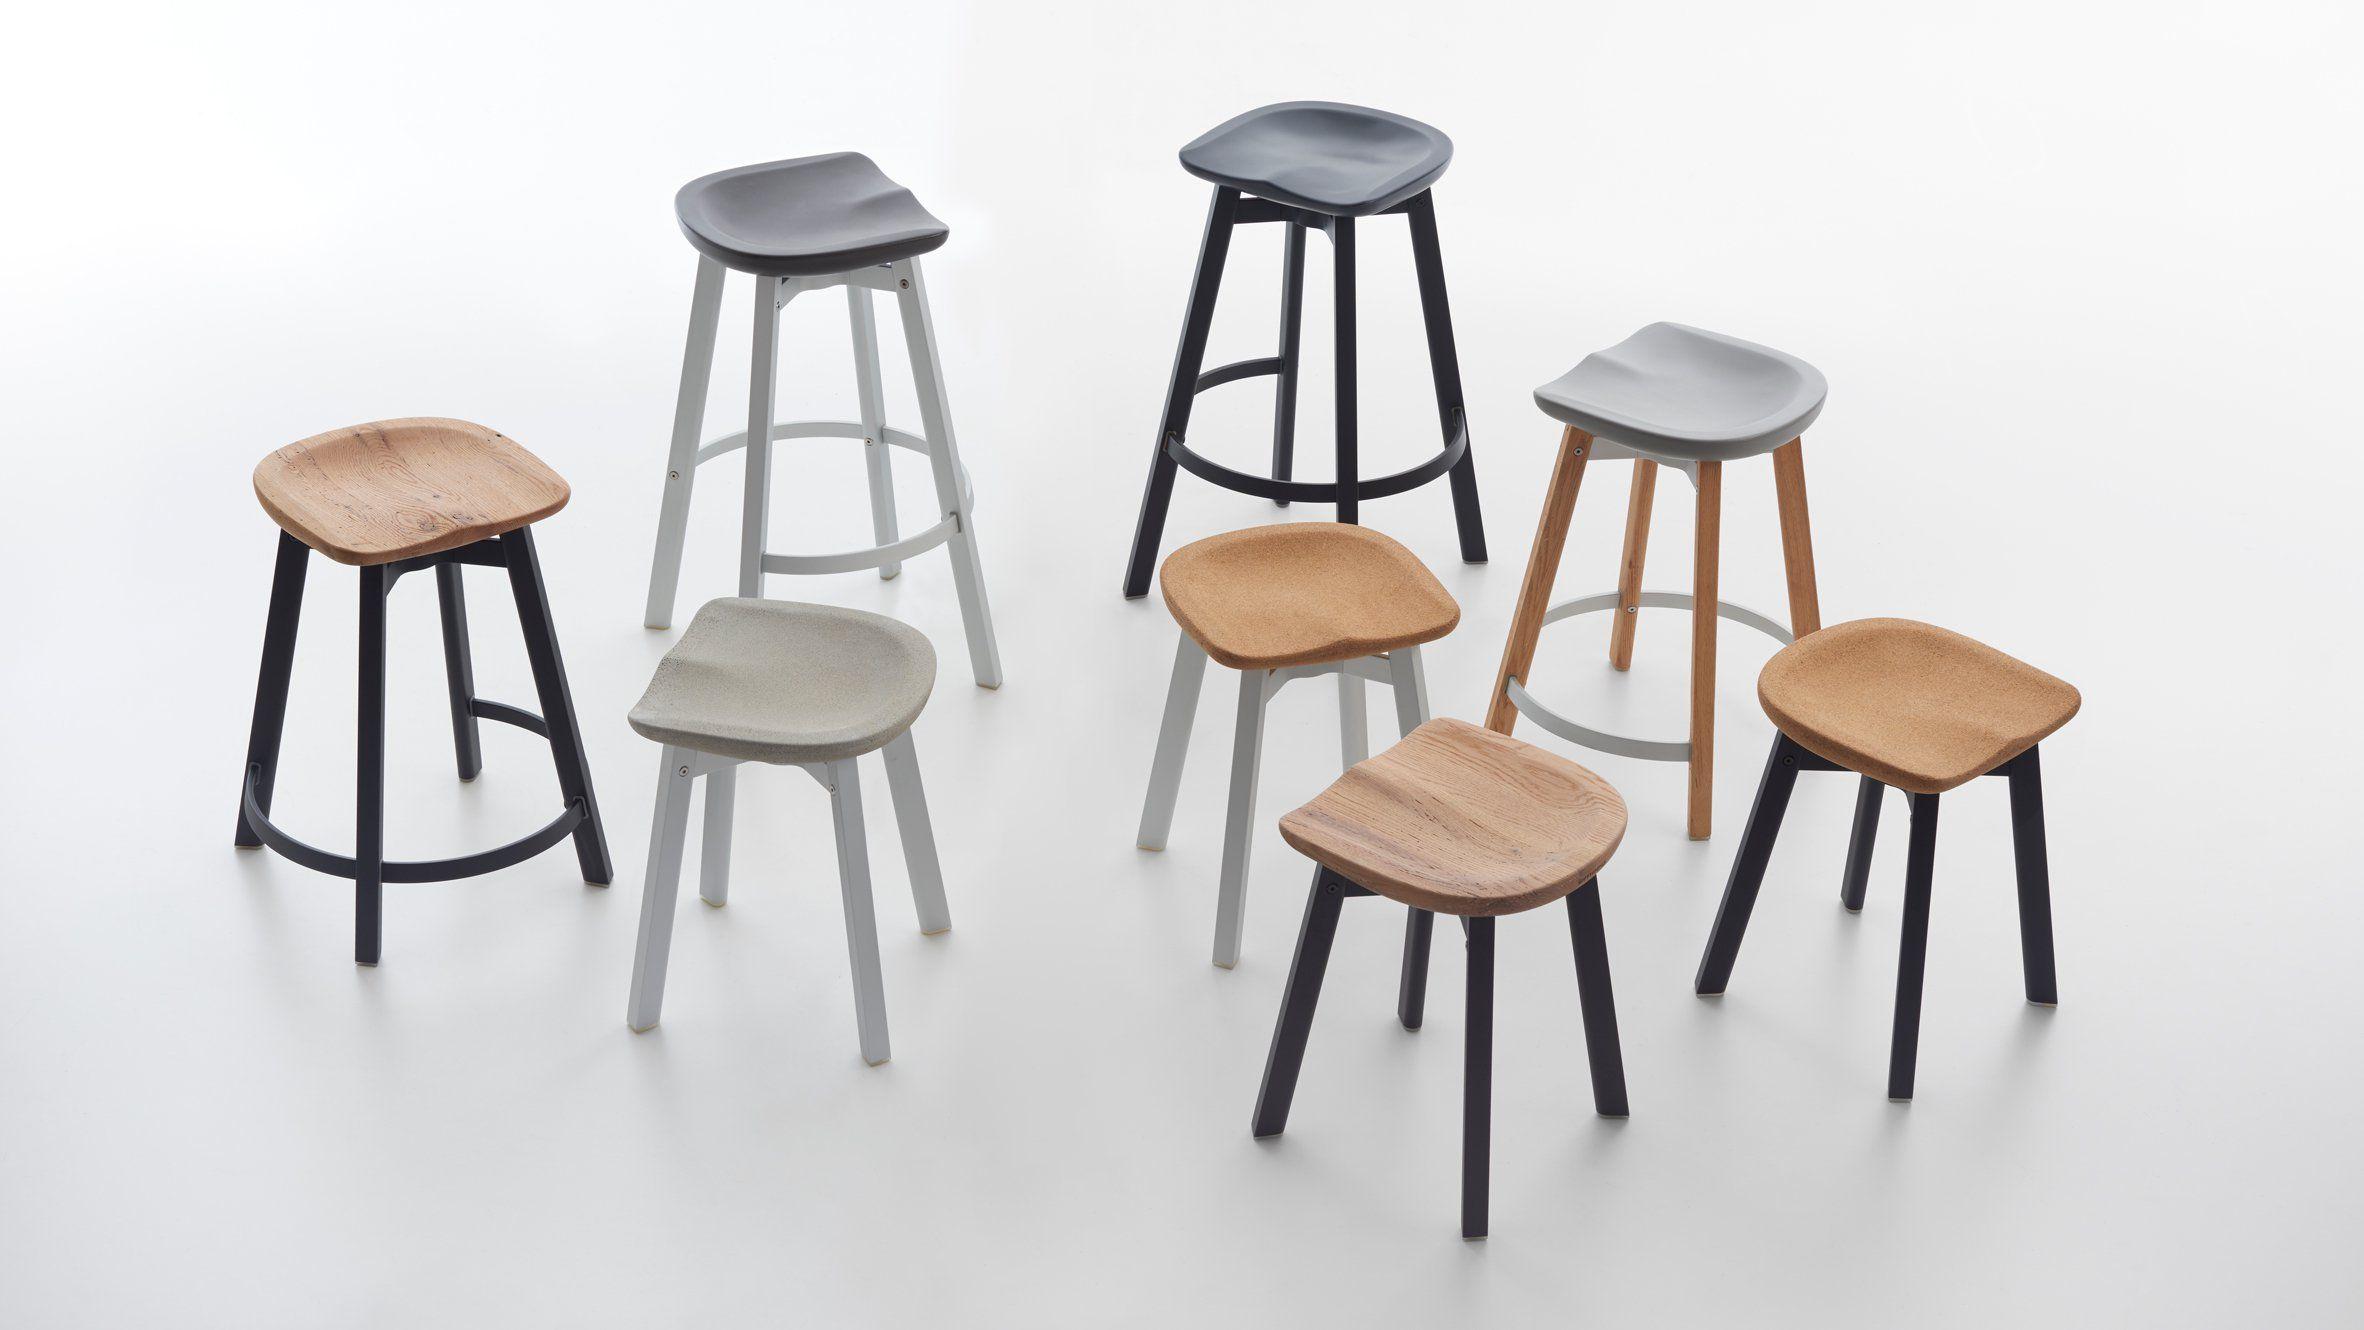 SU Stool collection Cork Seat by Nendo | E I C H L E R | Pinterest ...